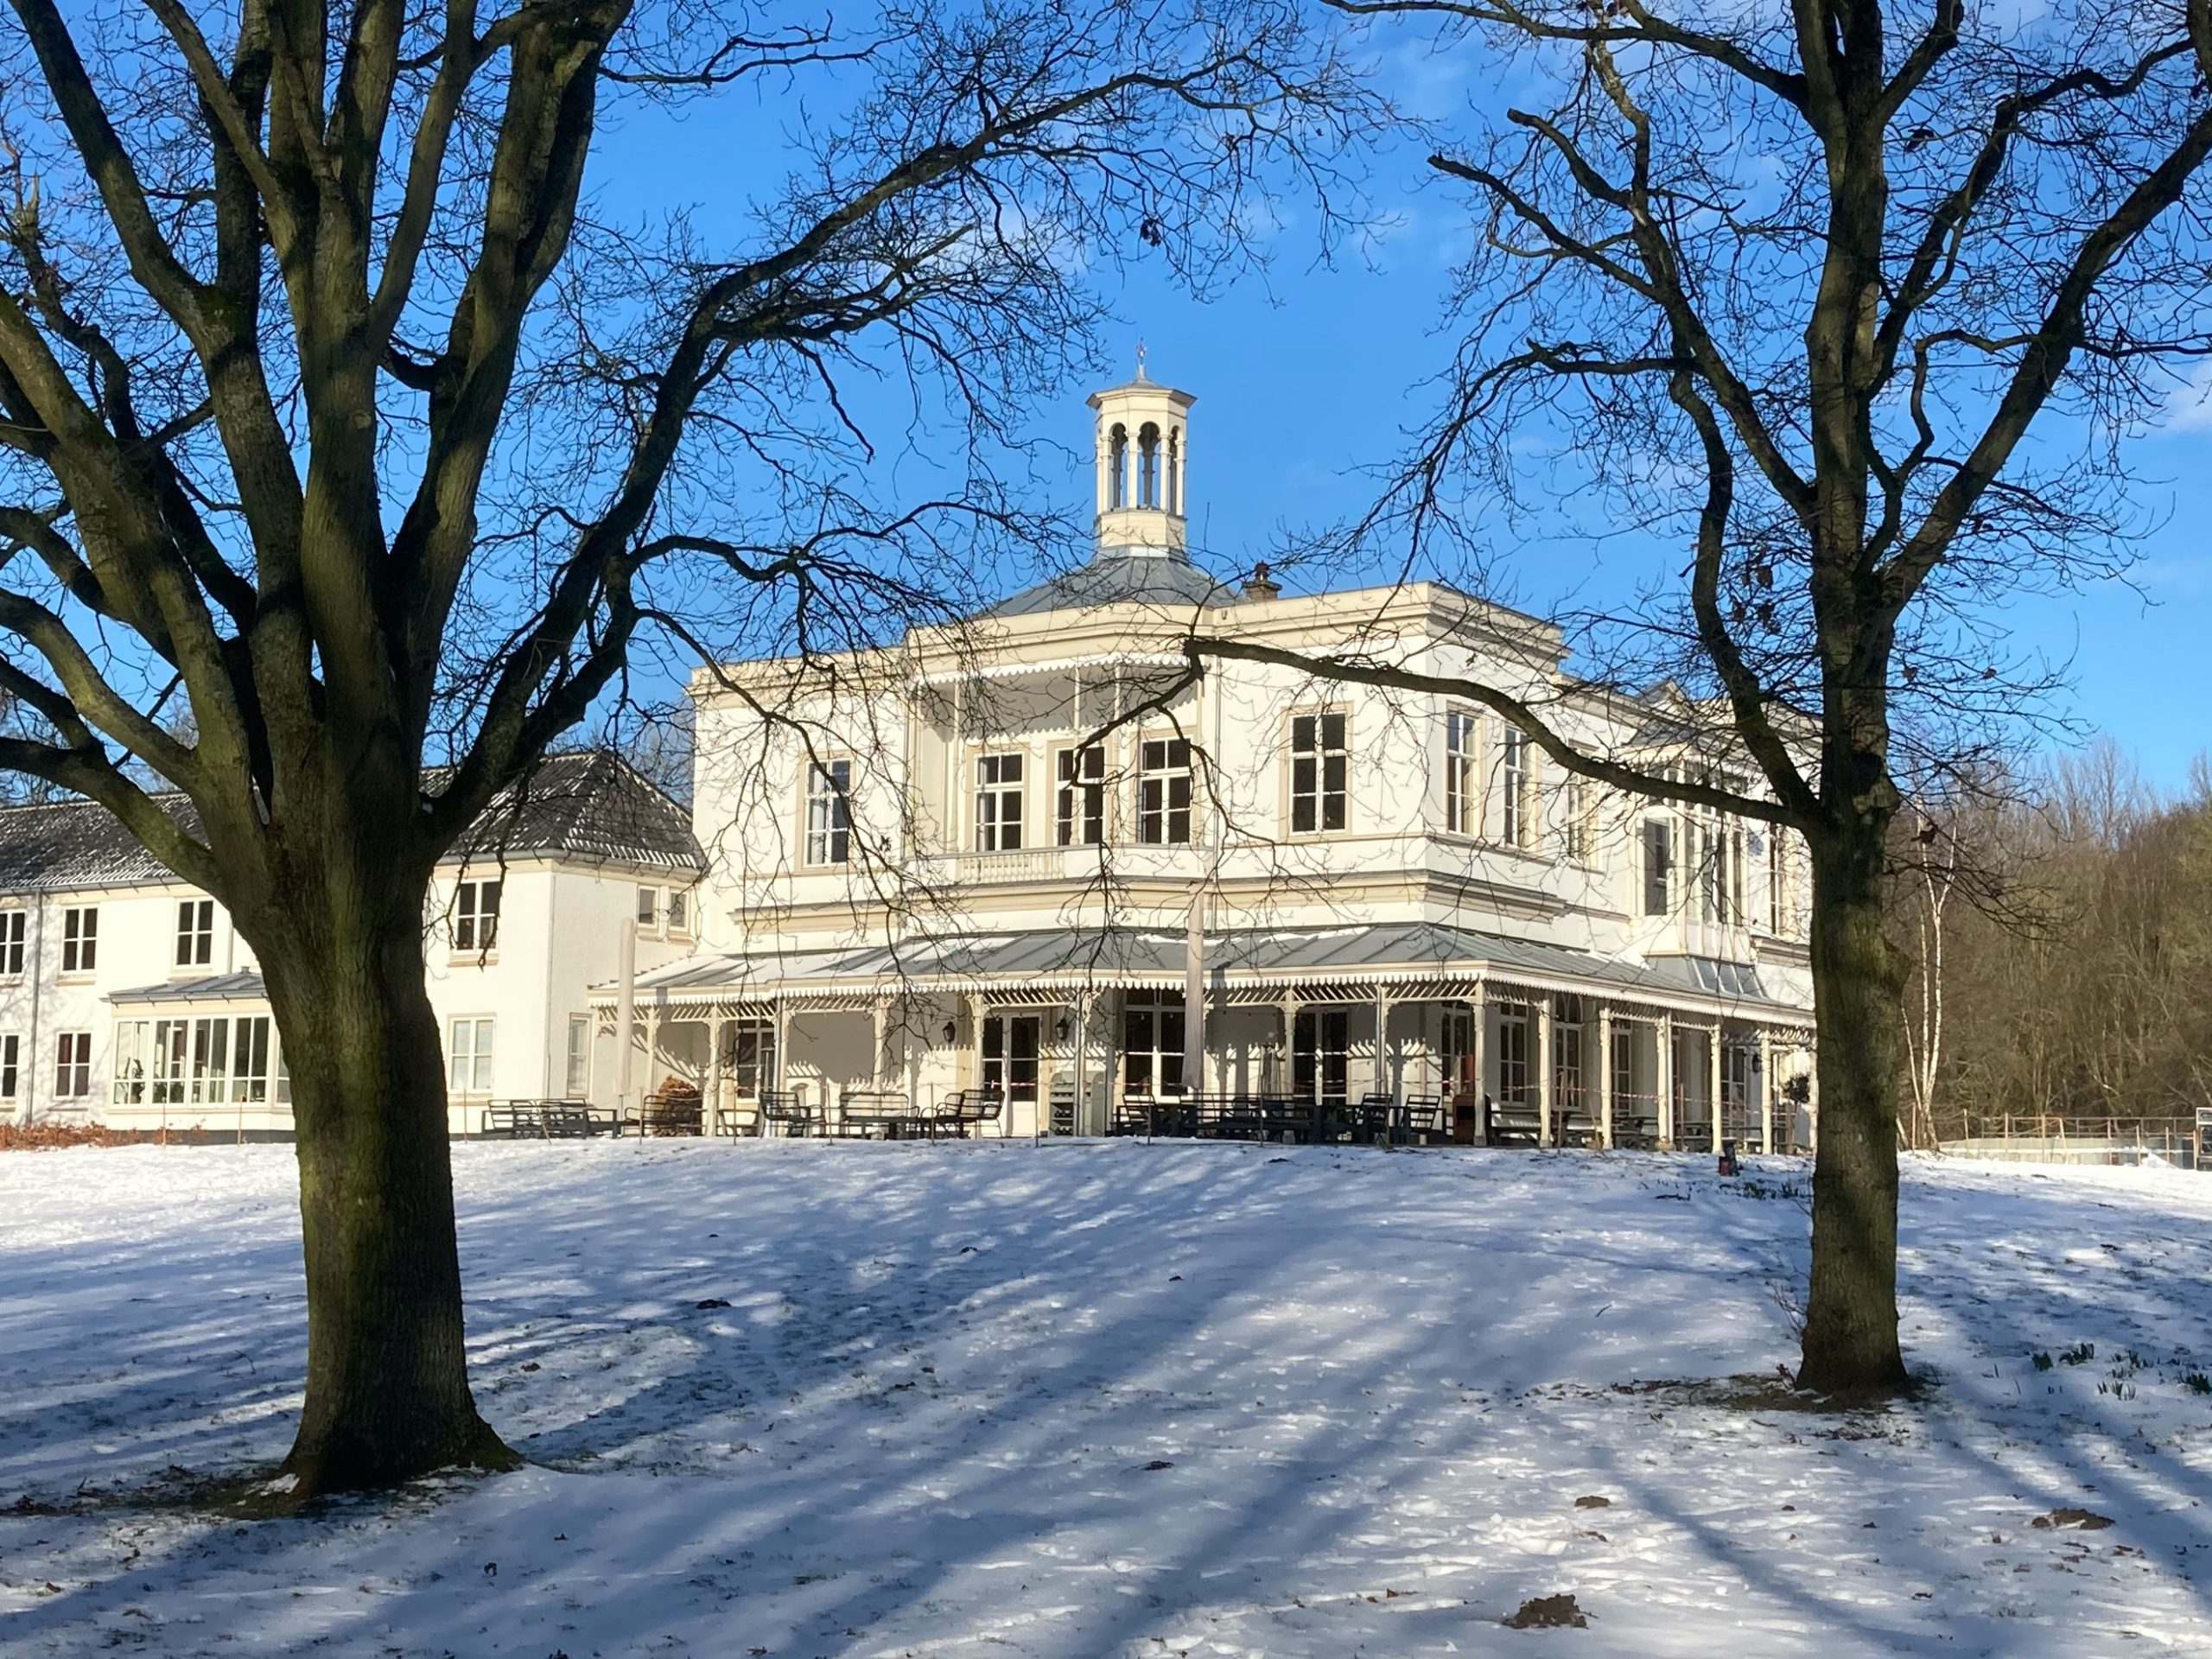 Sneeuw Villa Ockenburgh